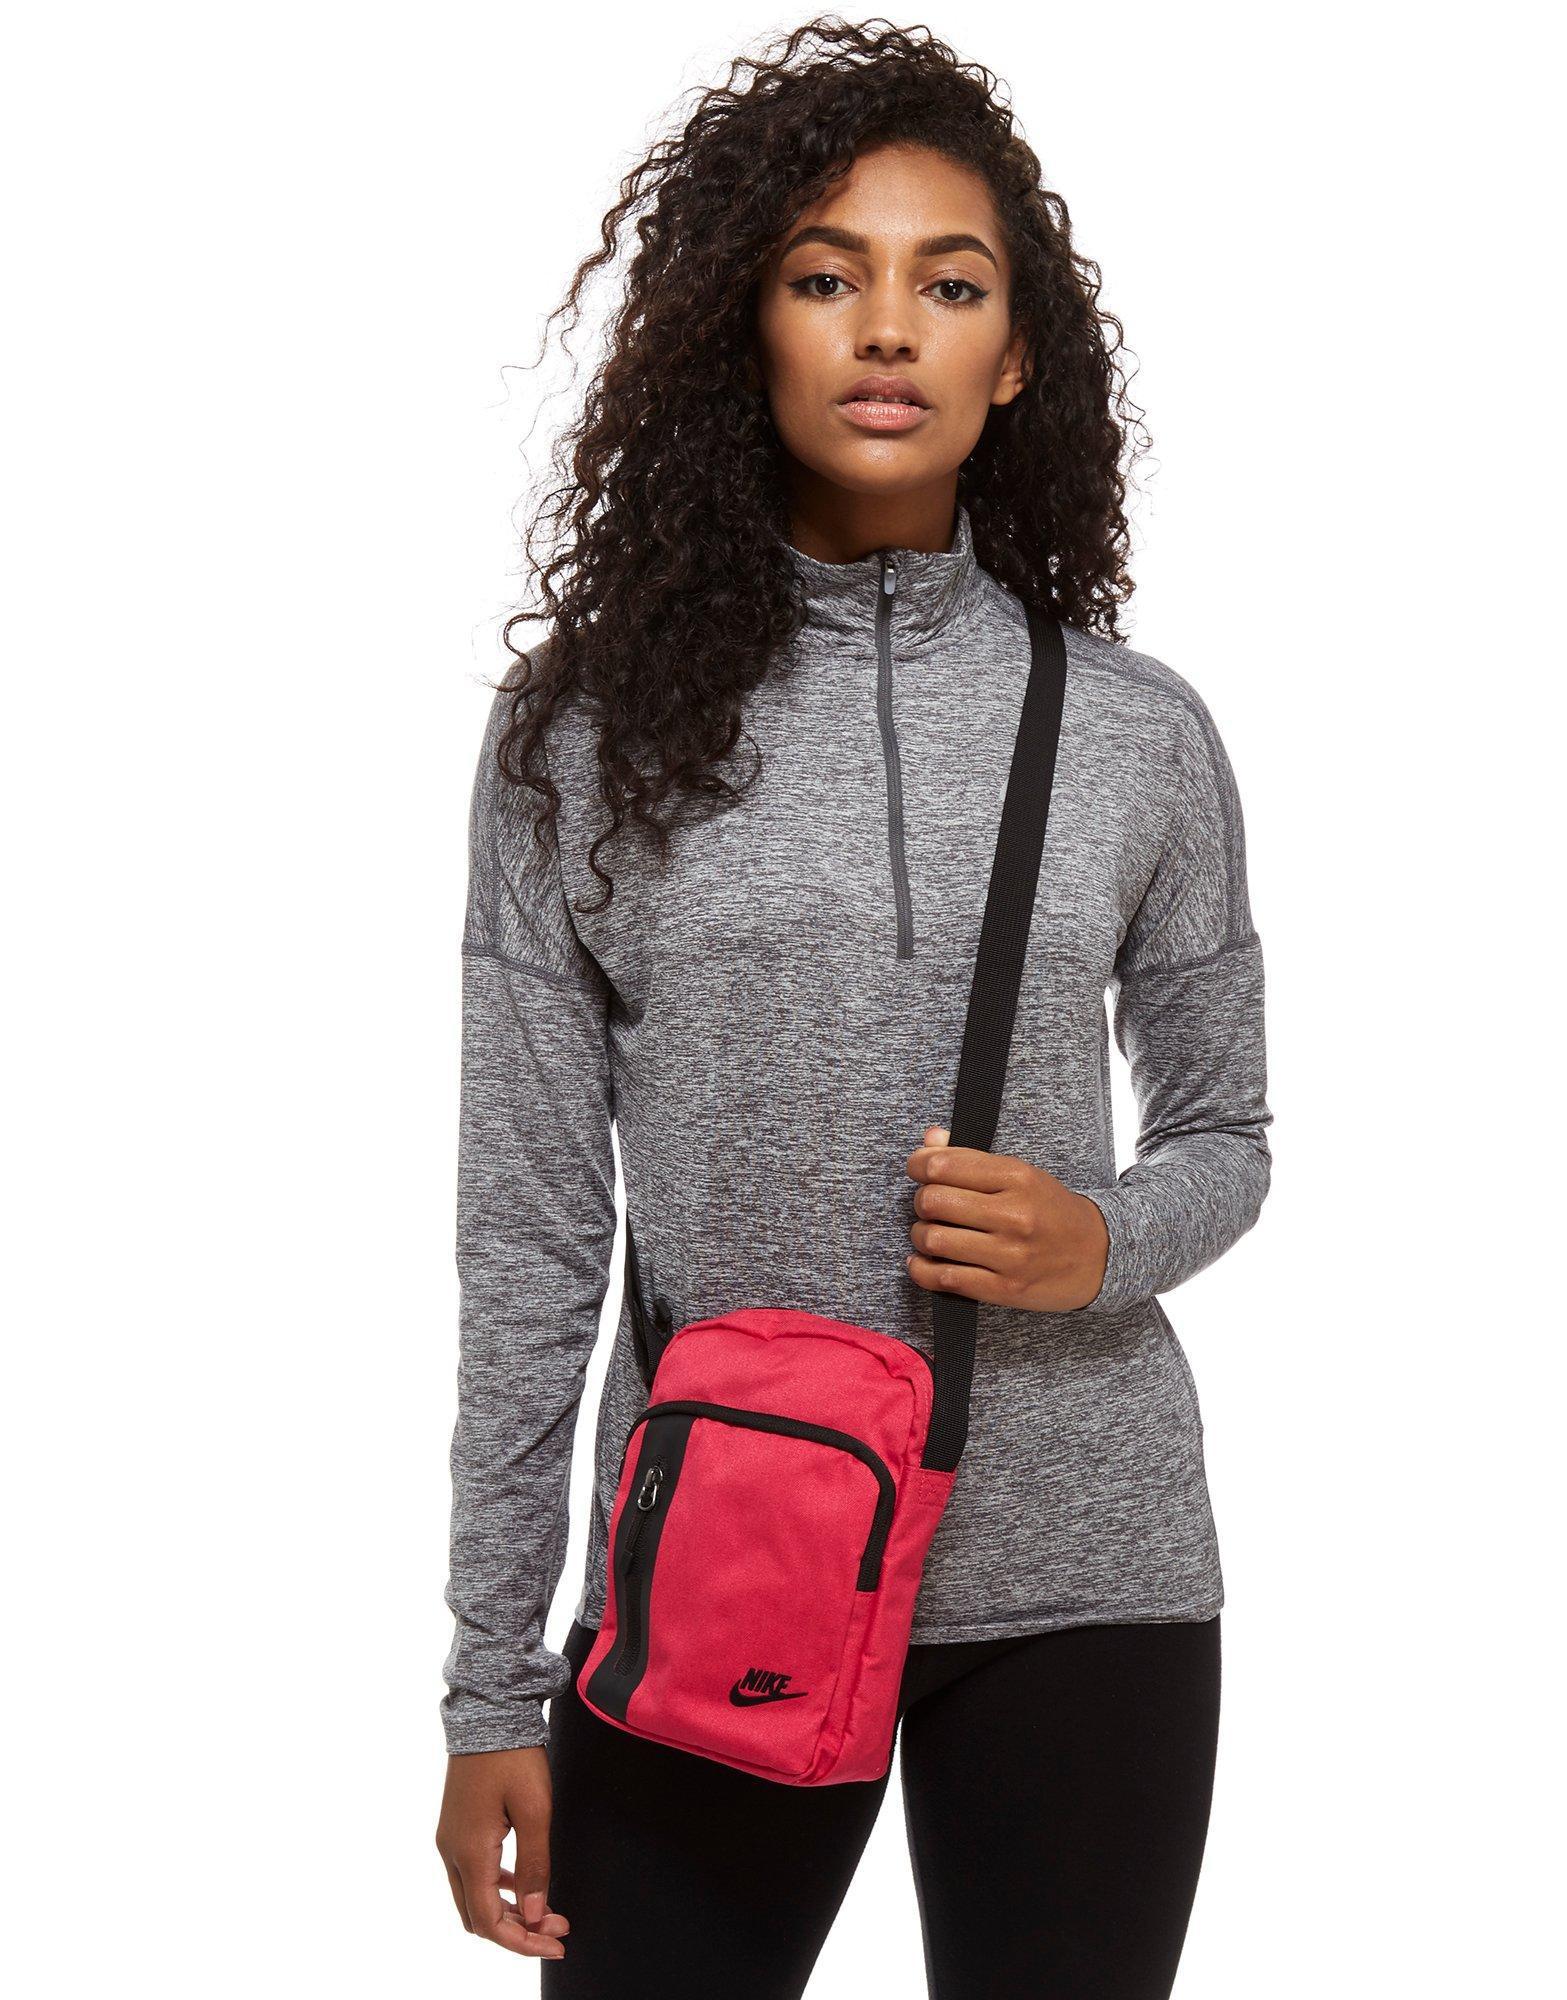 Nike Core Small Items - Daftar Harga Terlengkap Indonesia 71ca90ddb2583